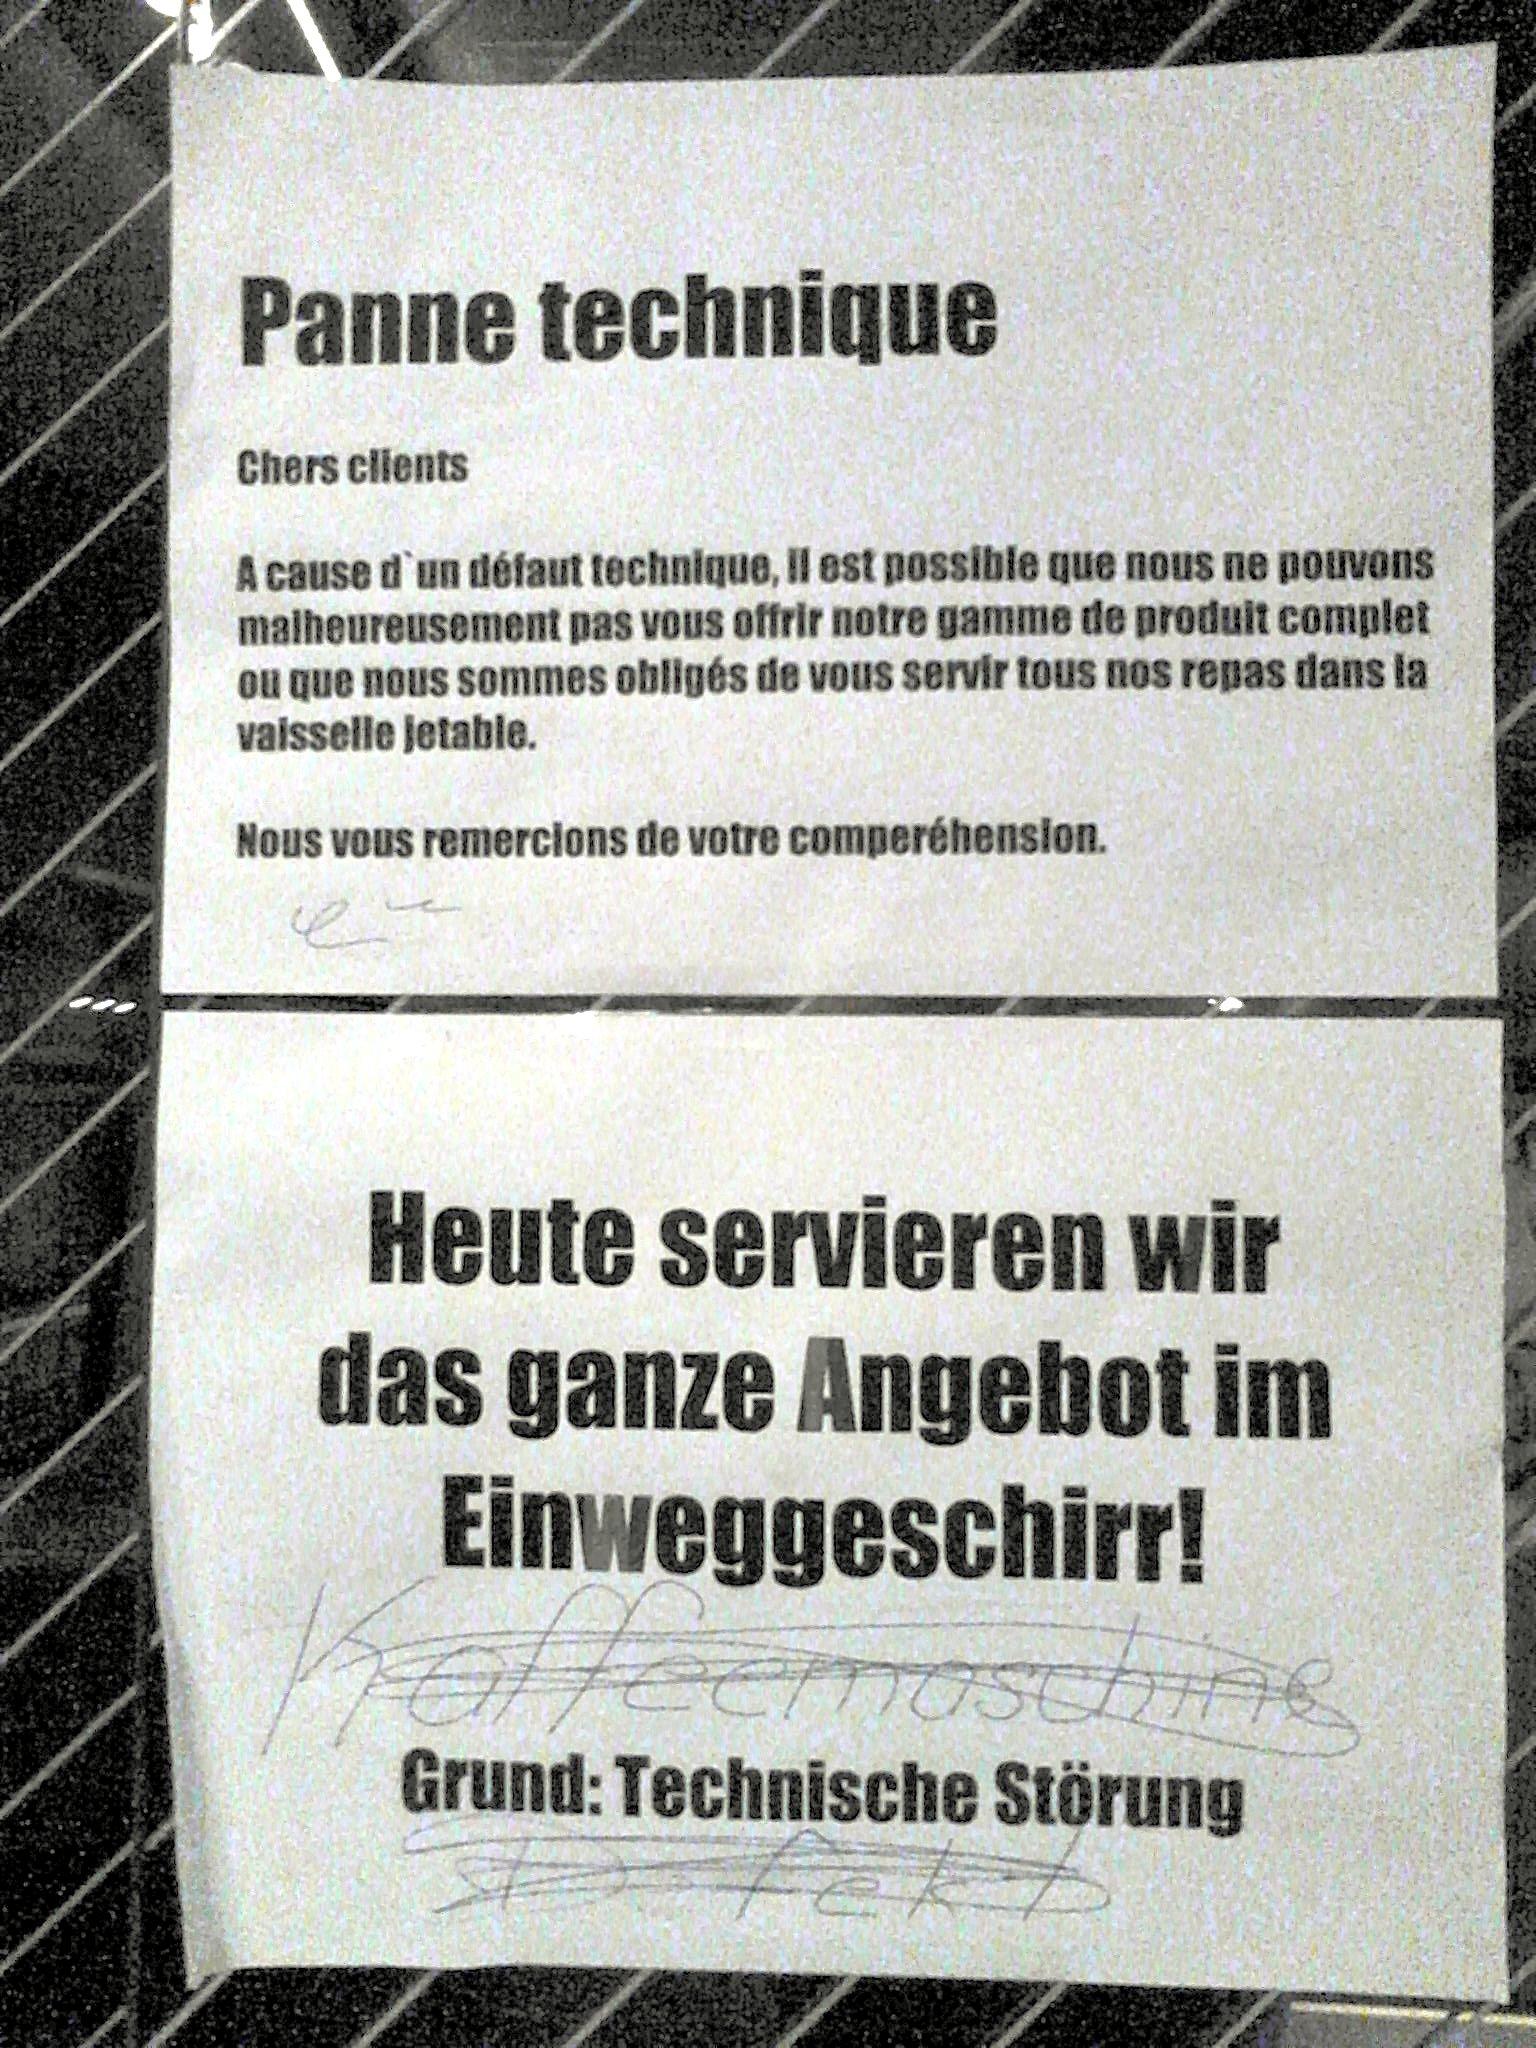 Zweisprachige CFF/SBB-Entschuldigung, inklusive Tippfehlern